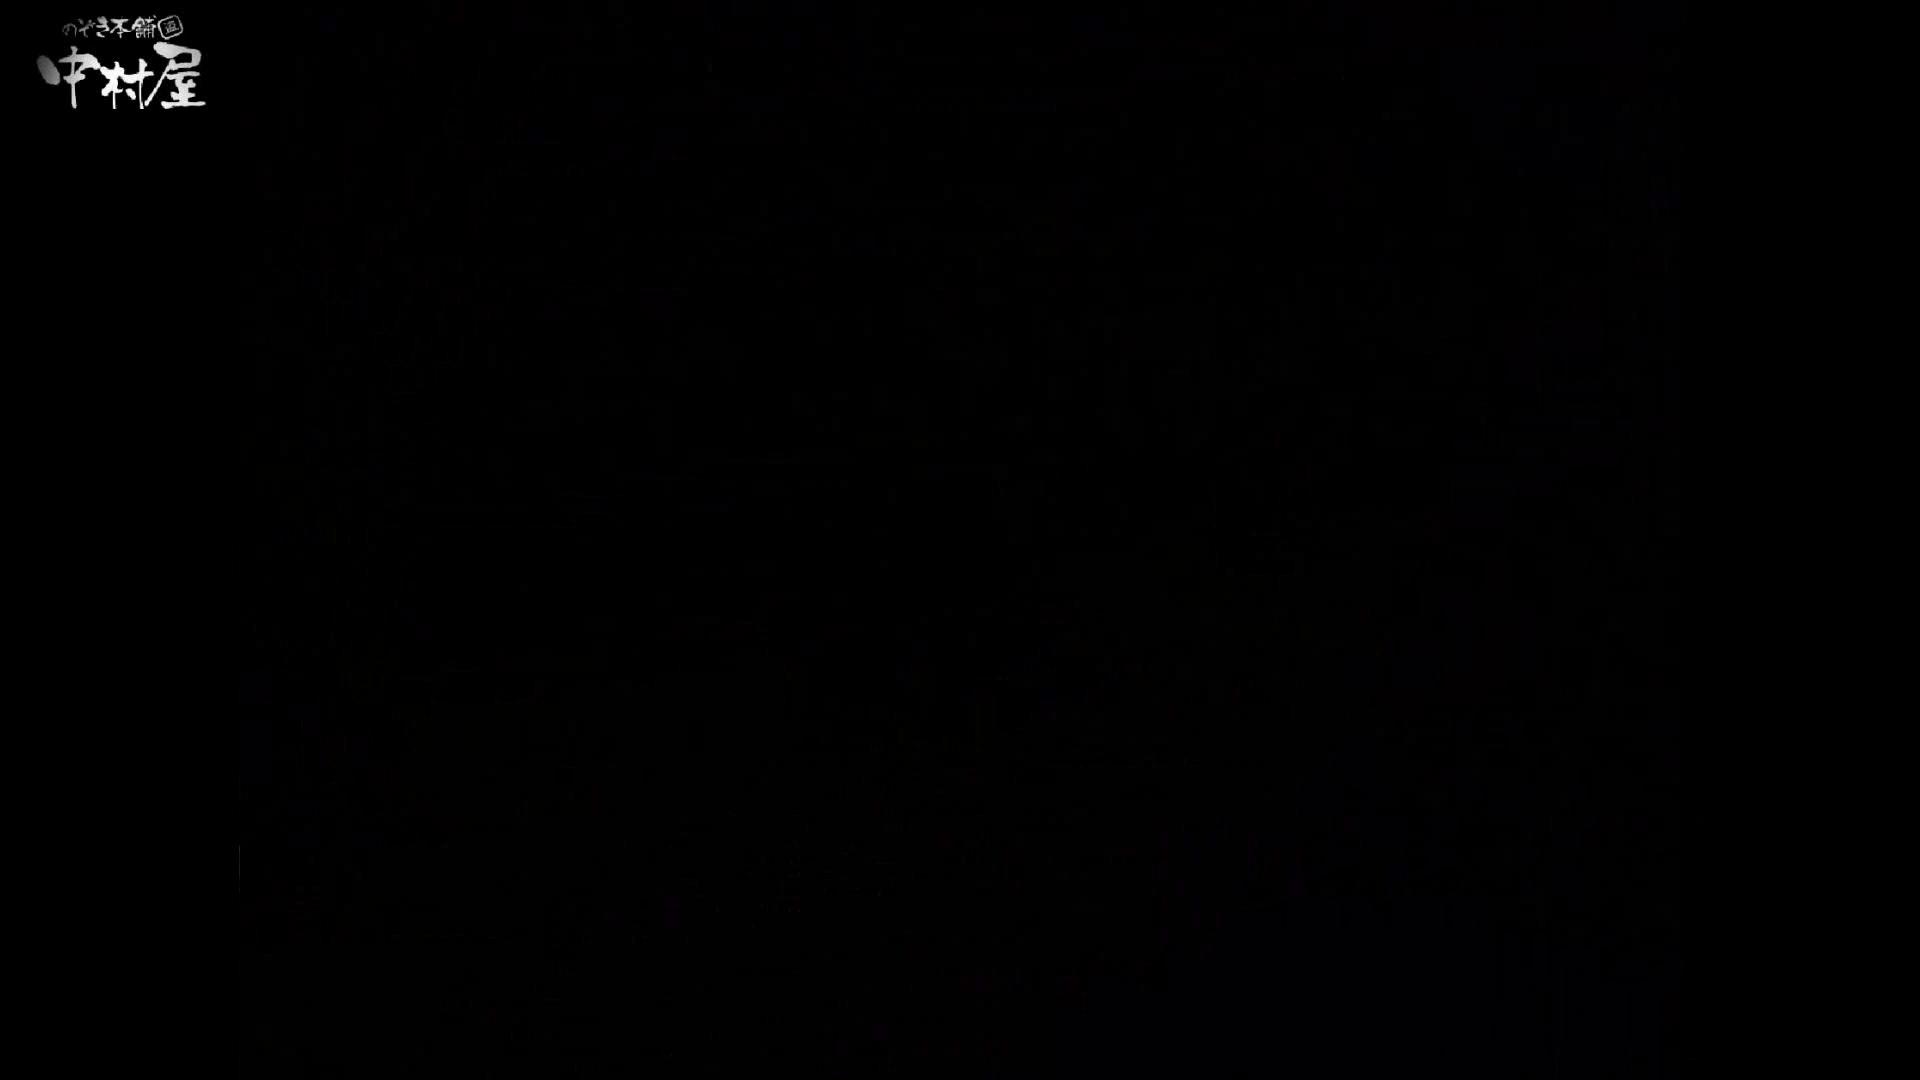 民家風呂専門盗撮師の超危険映像 vol.018 盗撮  89連発 23